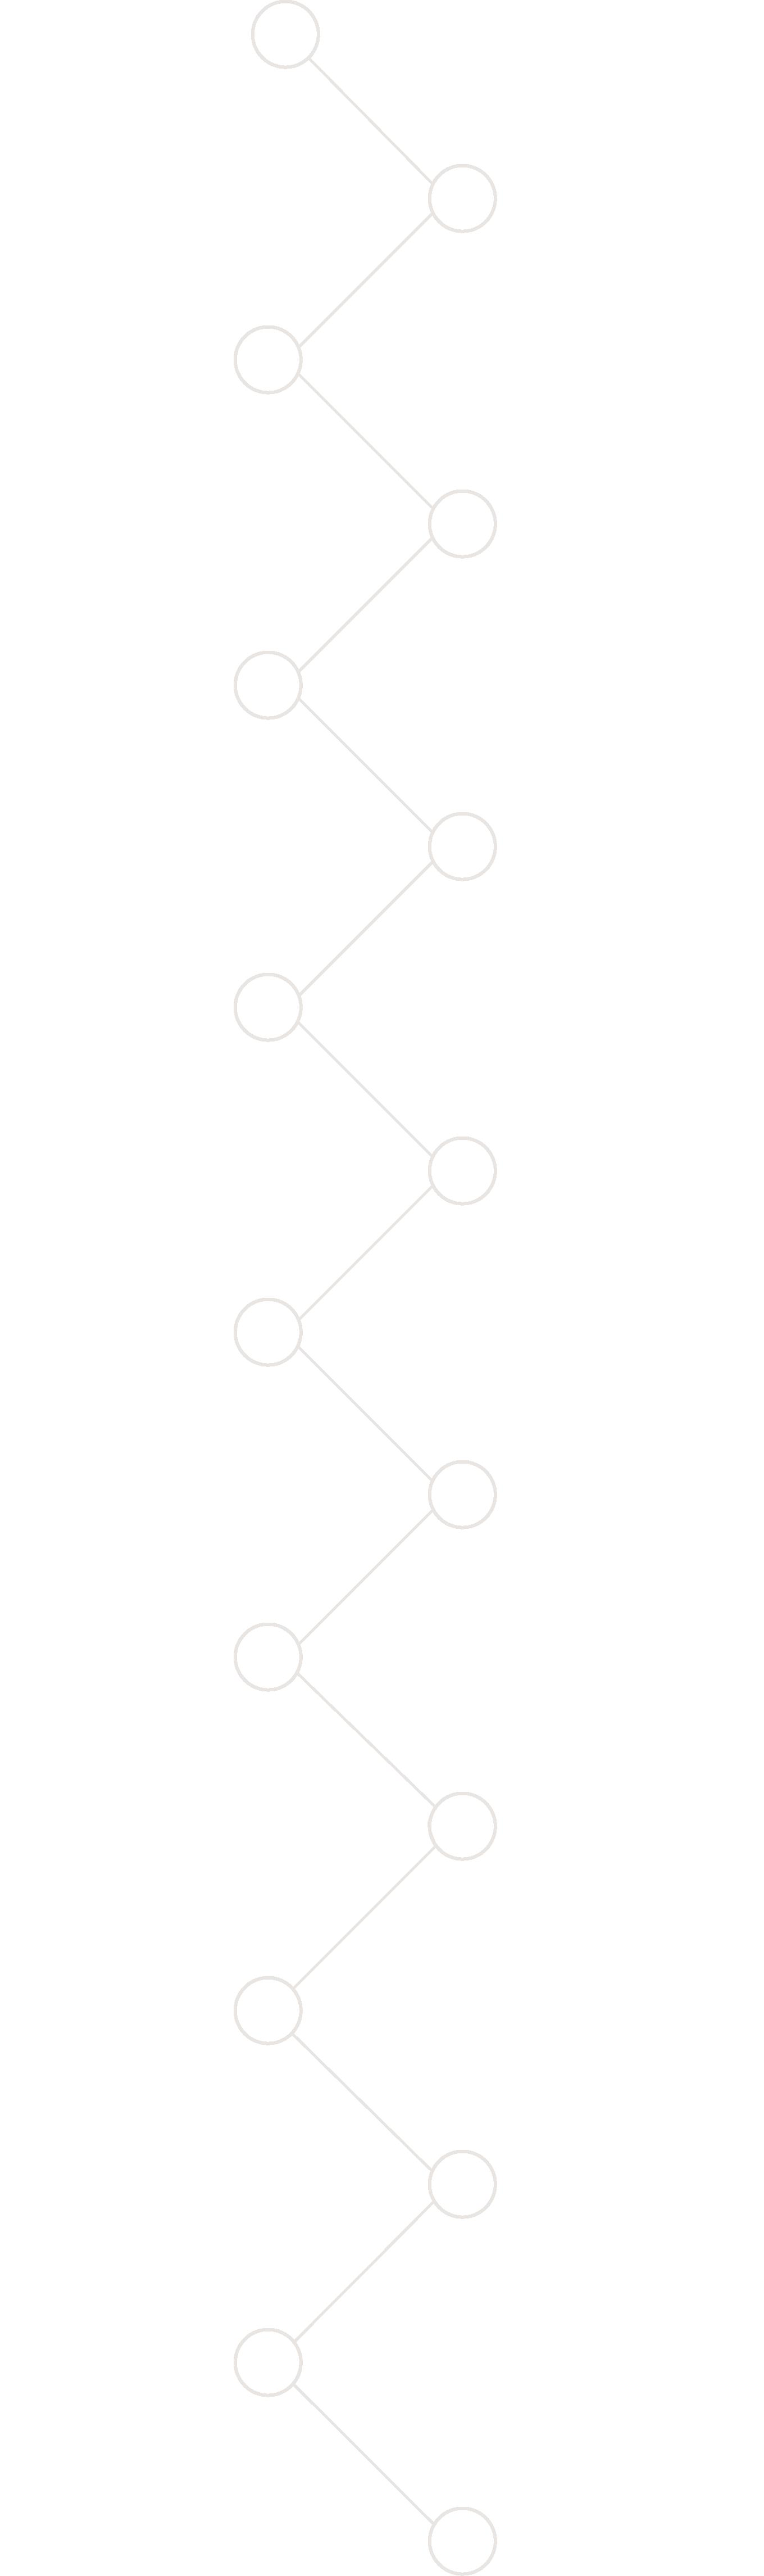 Kronos timeline